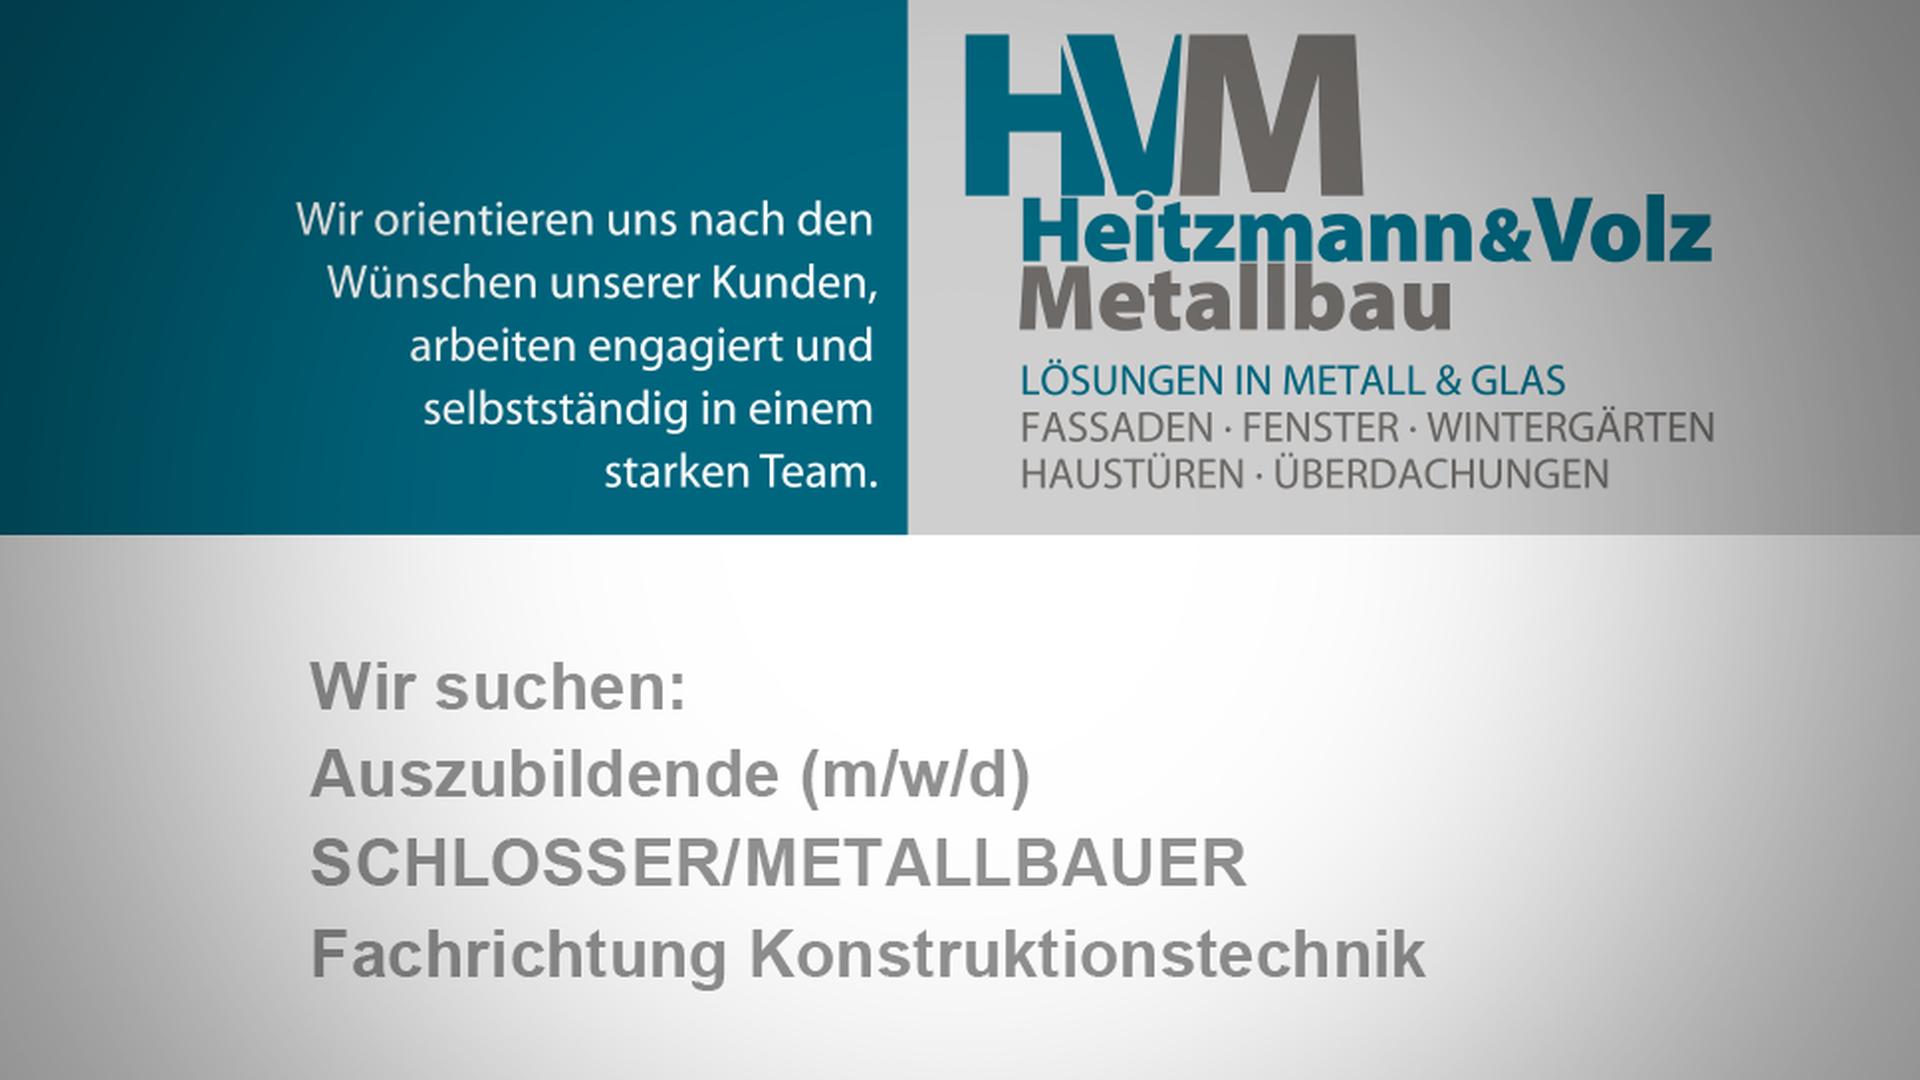 Vielseite Ausbildungs- und Studienmöglichkeiten bei Heitzmann & Volz